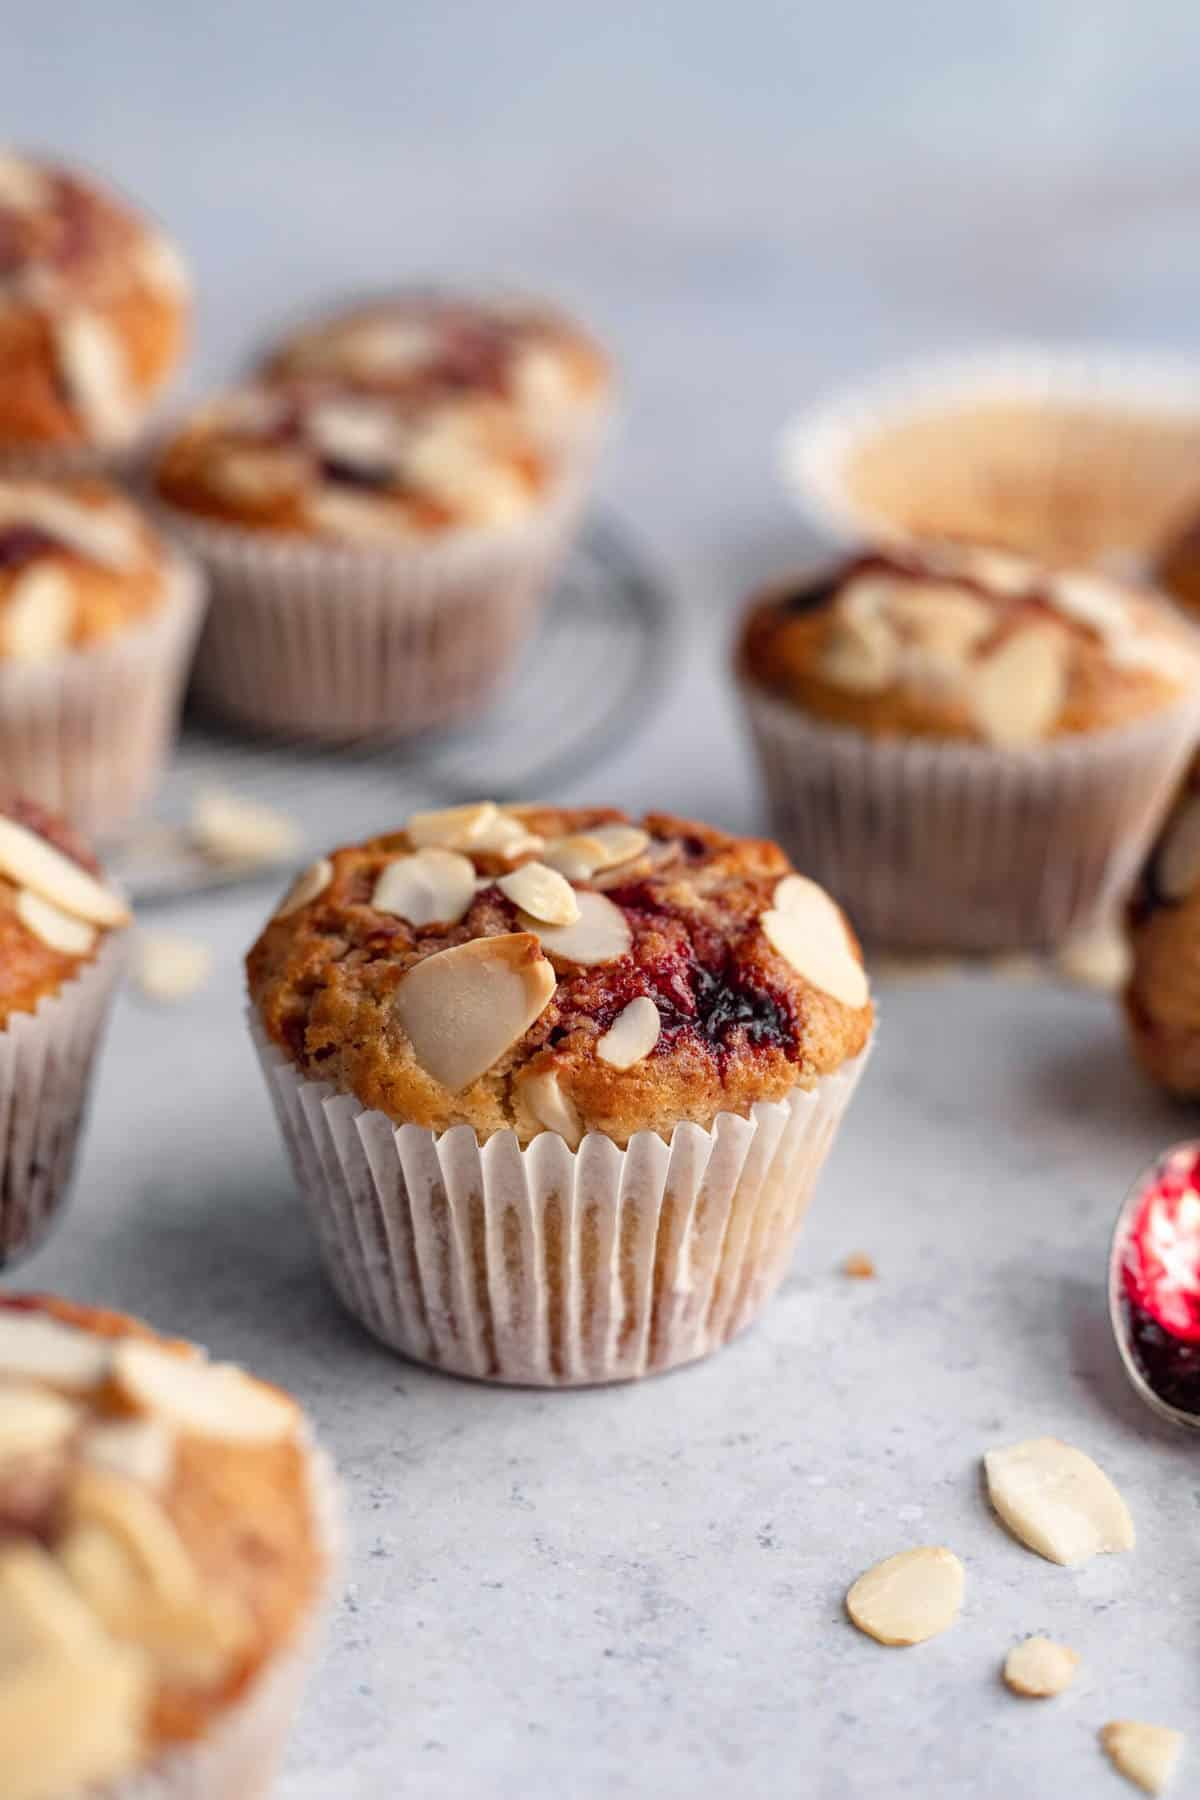 a close up shot of a sourdough muffin